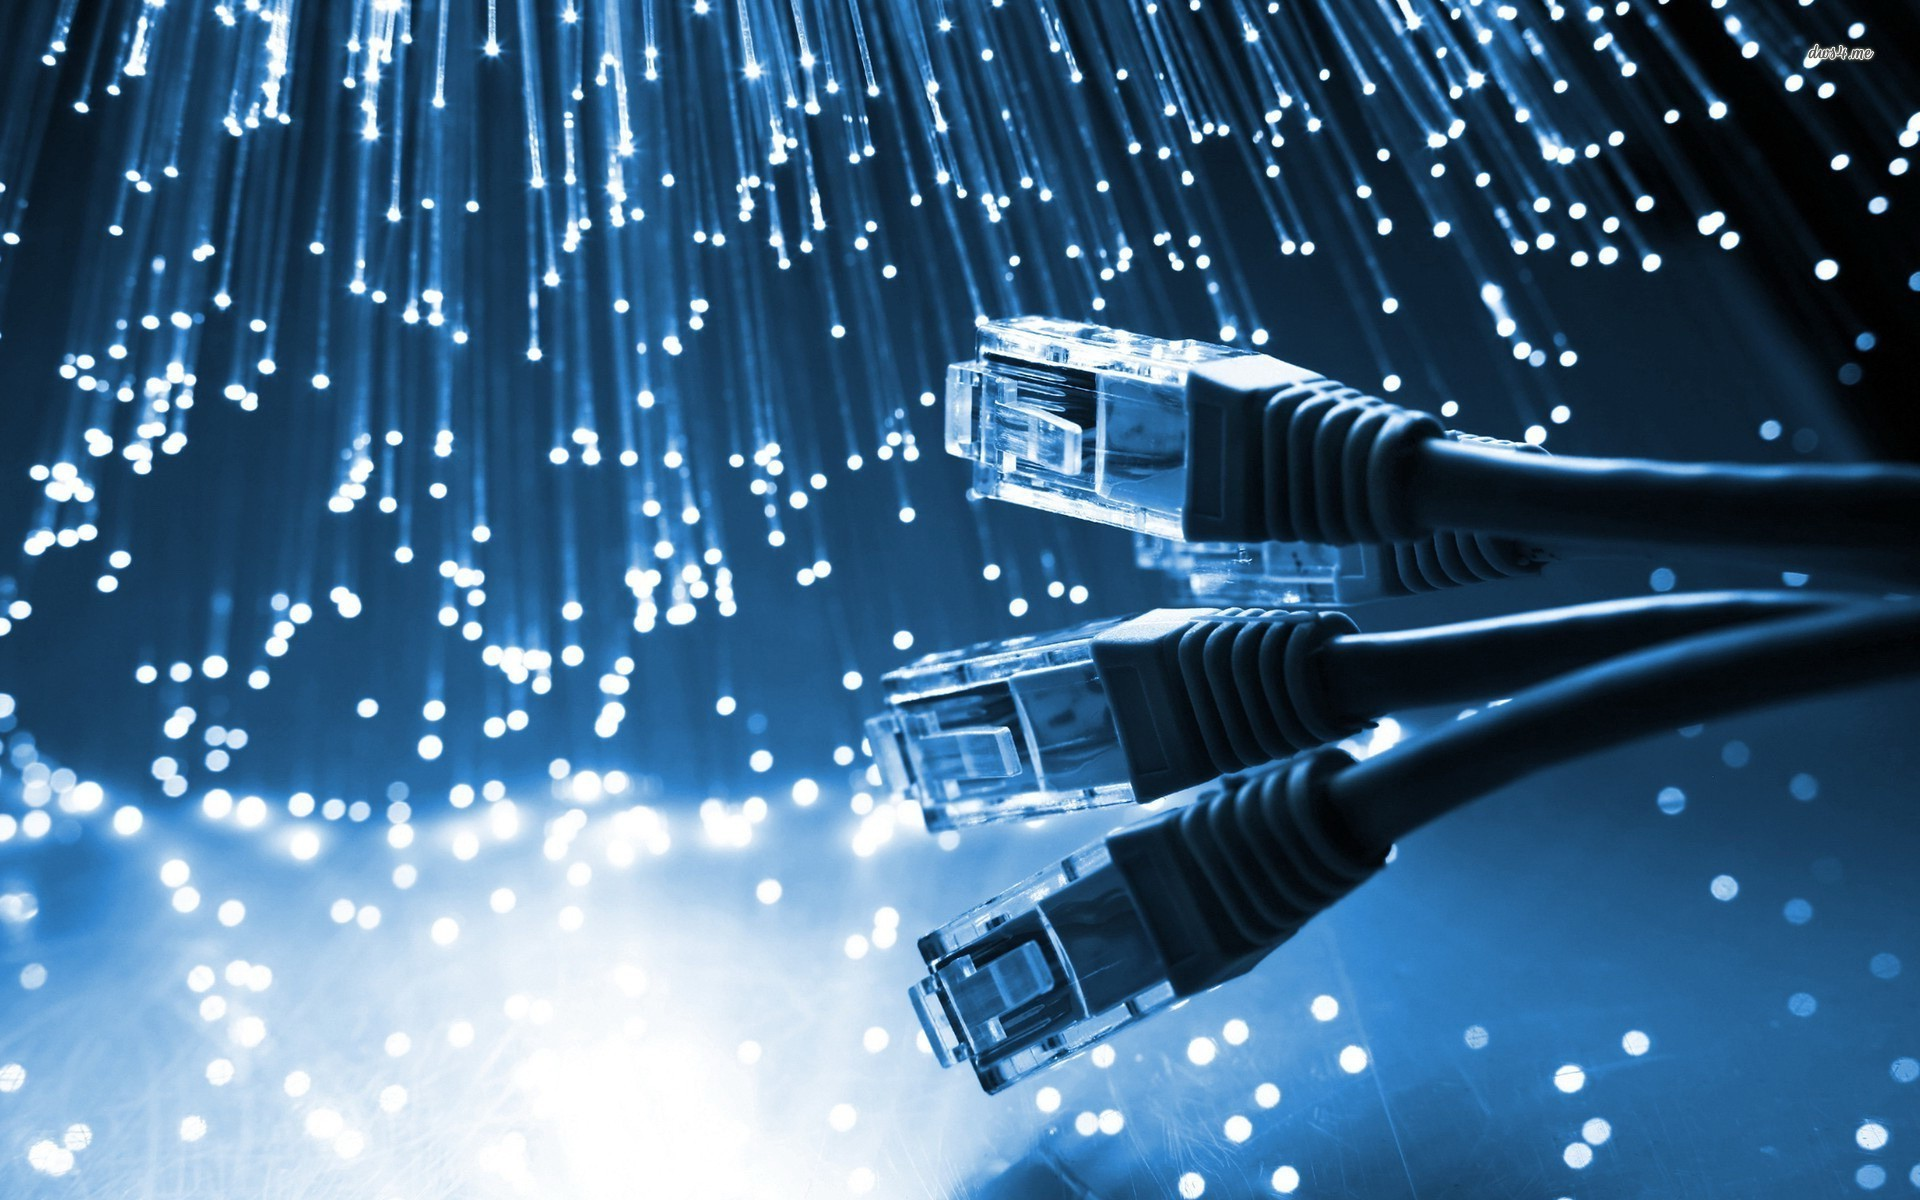 سئو کار -شبکه در تبریز-پشتیبانی شبکه در تبریز-رایارهام